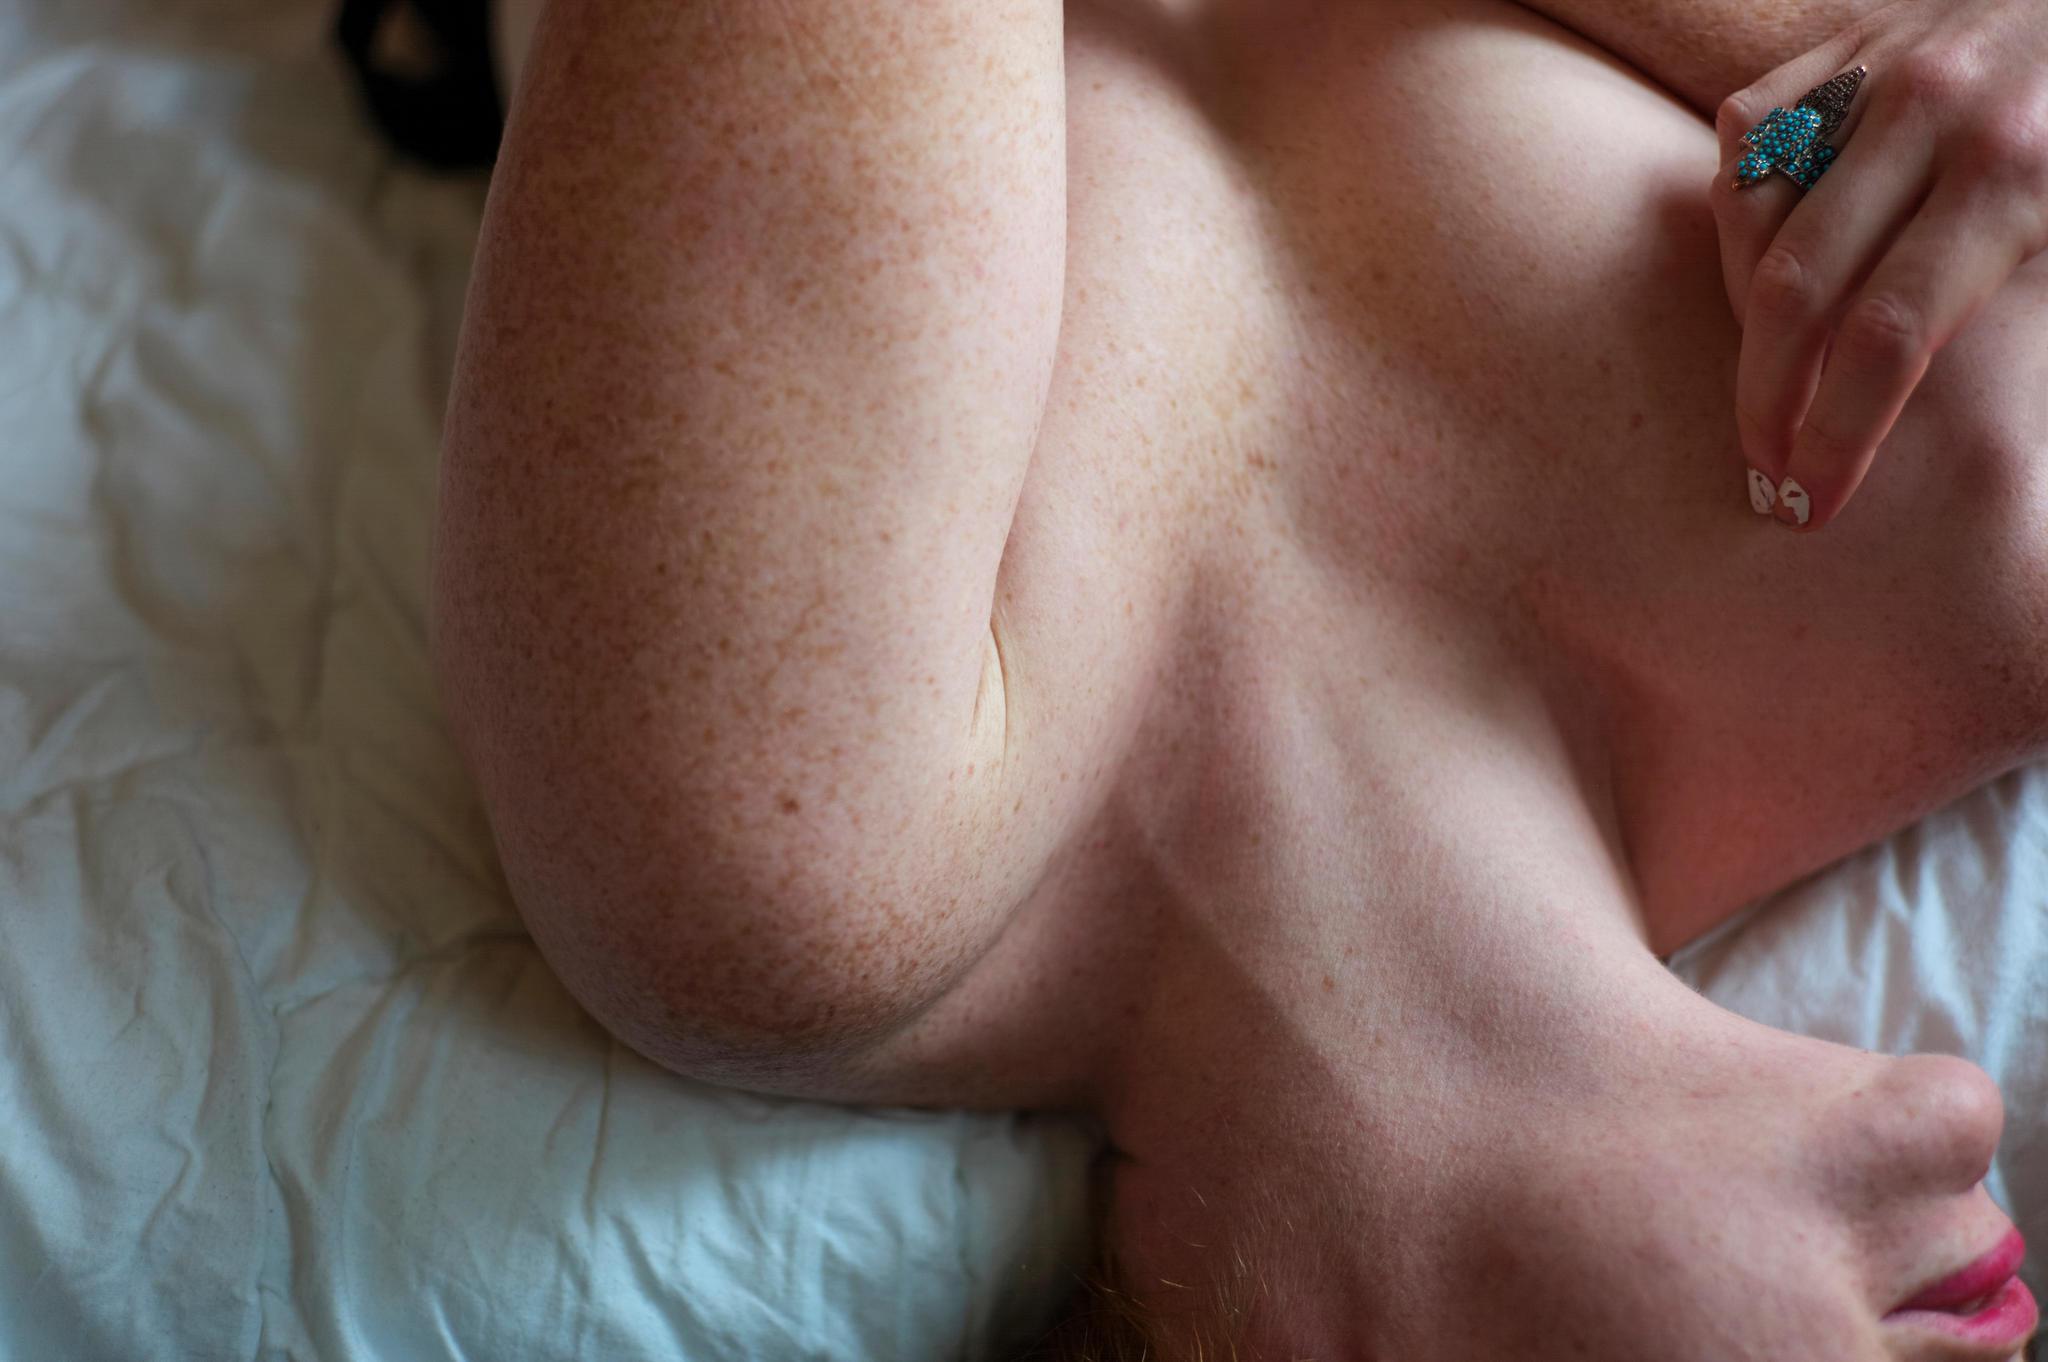 pornofilm drehen arten der selbstbefriedigung